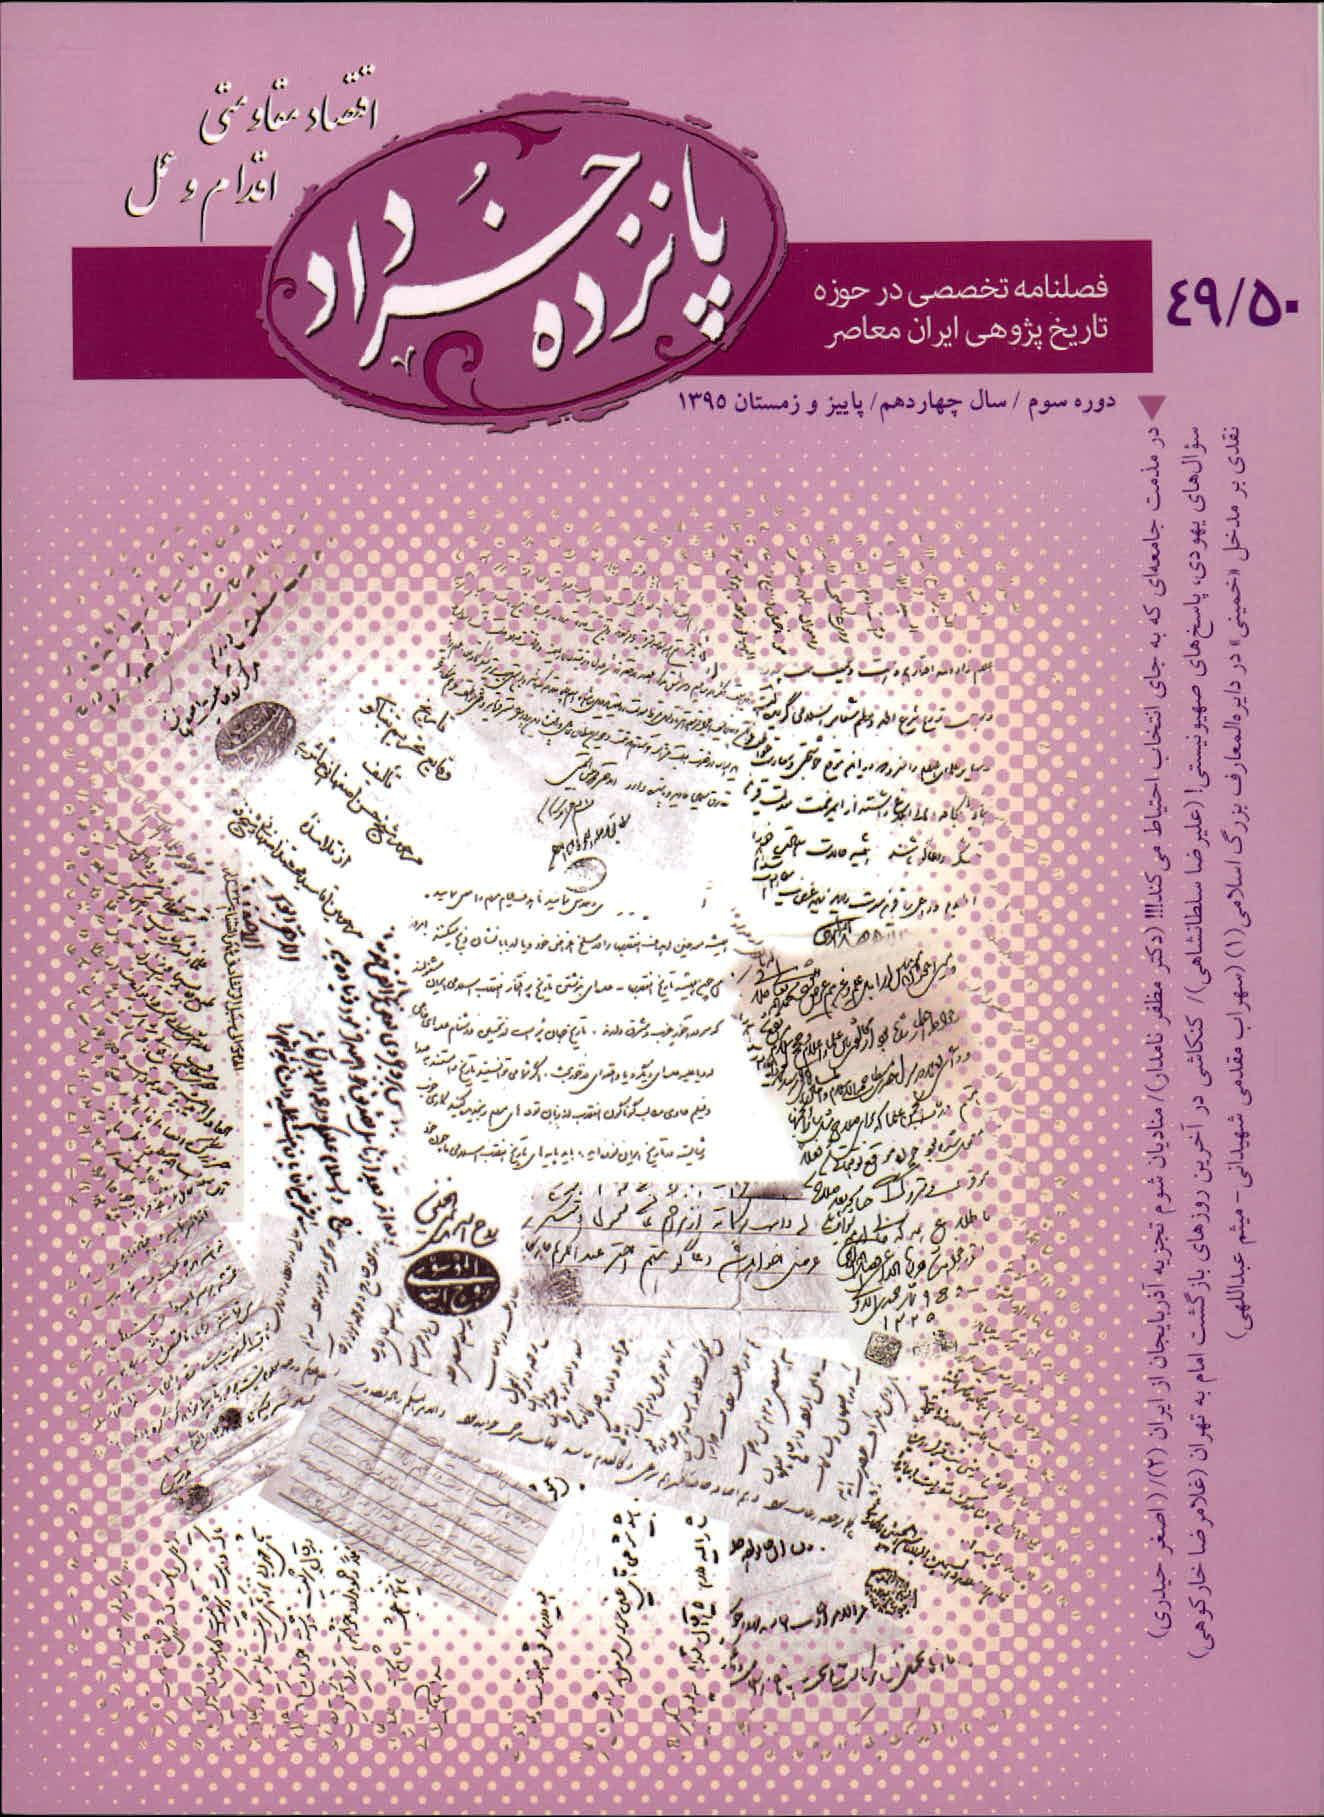 49-50 فصلنامه